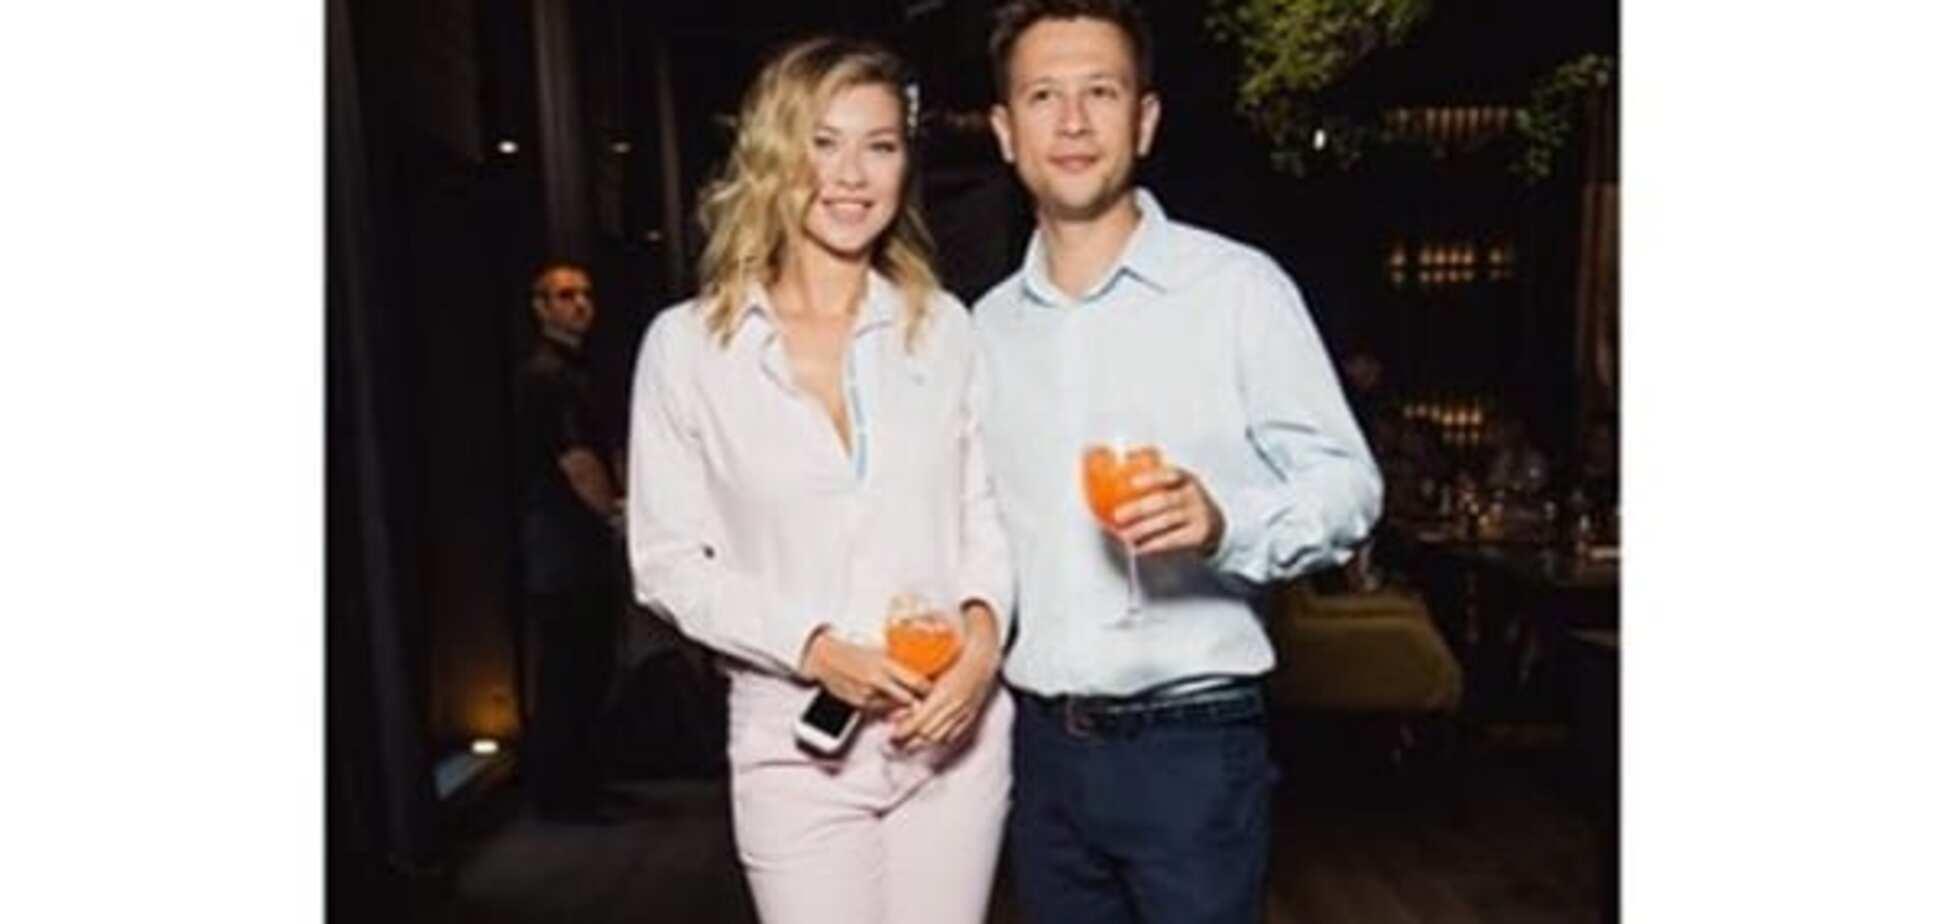 Жена Дмитрия Ступки устроила любимому сюрприз ко дню рождения: фотофакт